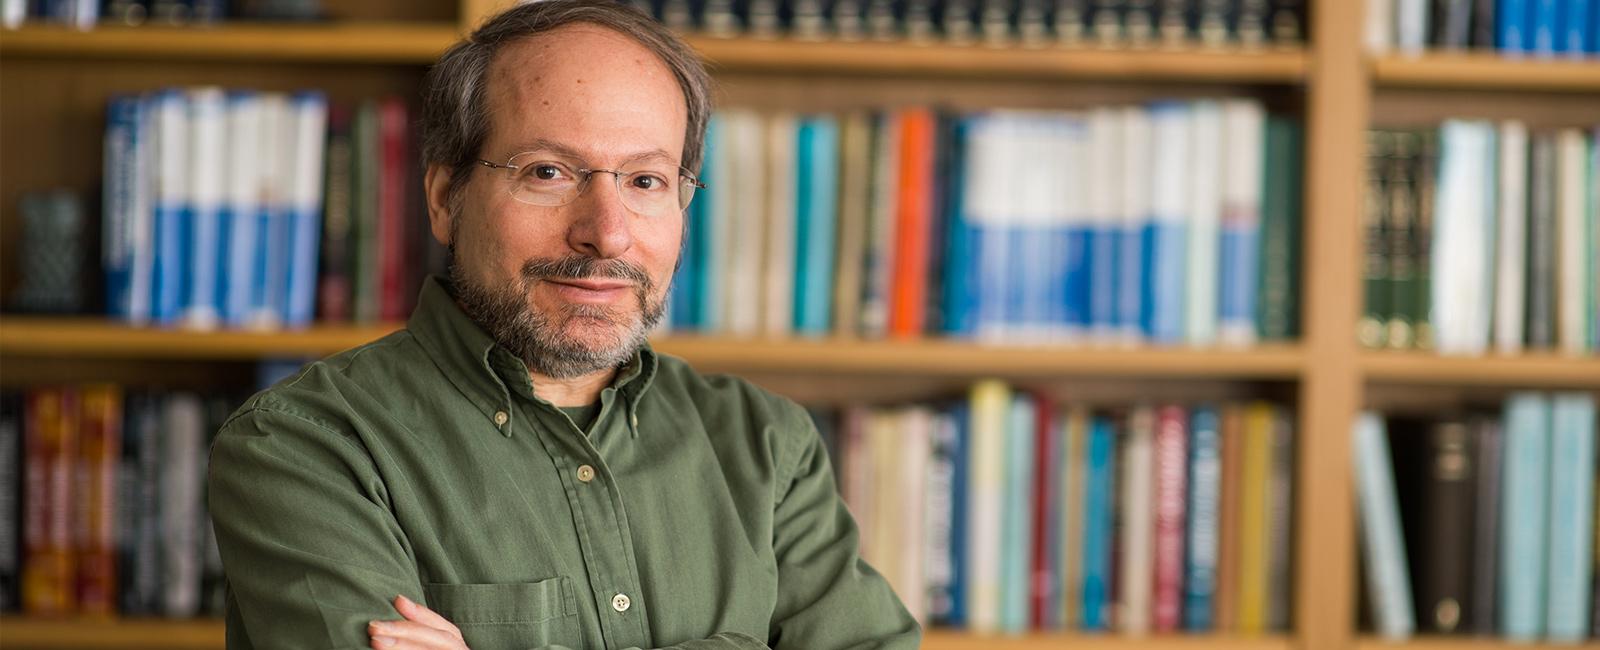 Photo of Professor Rick Danheiser